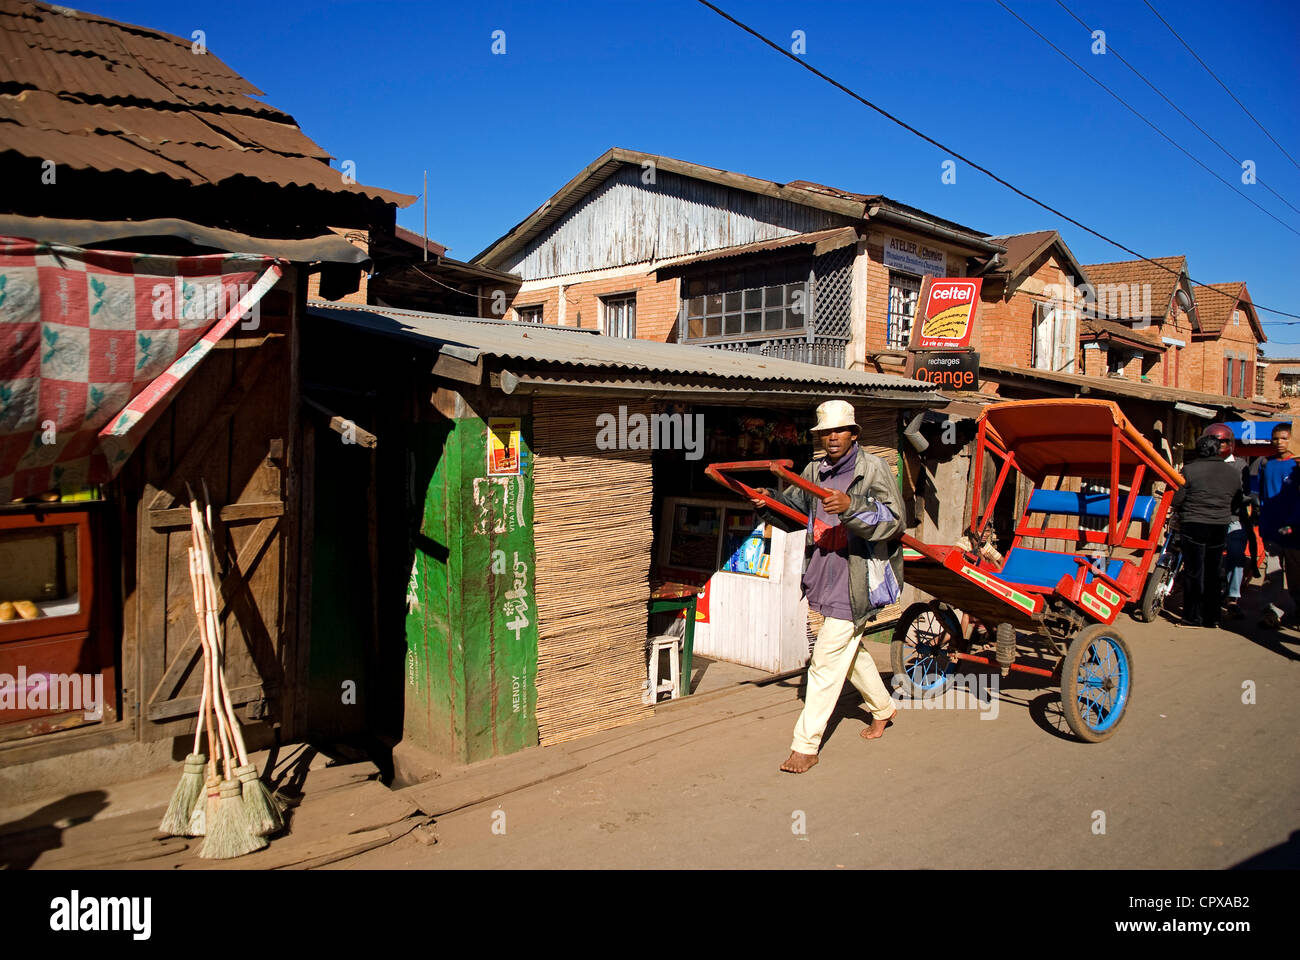 Madagascar, hauts plateaux du centre, ancienne province d'Antananarivo, Région Vakinakaratra, Antsirabe, Photo Stock